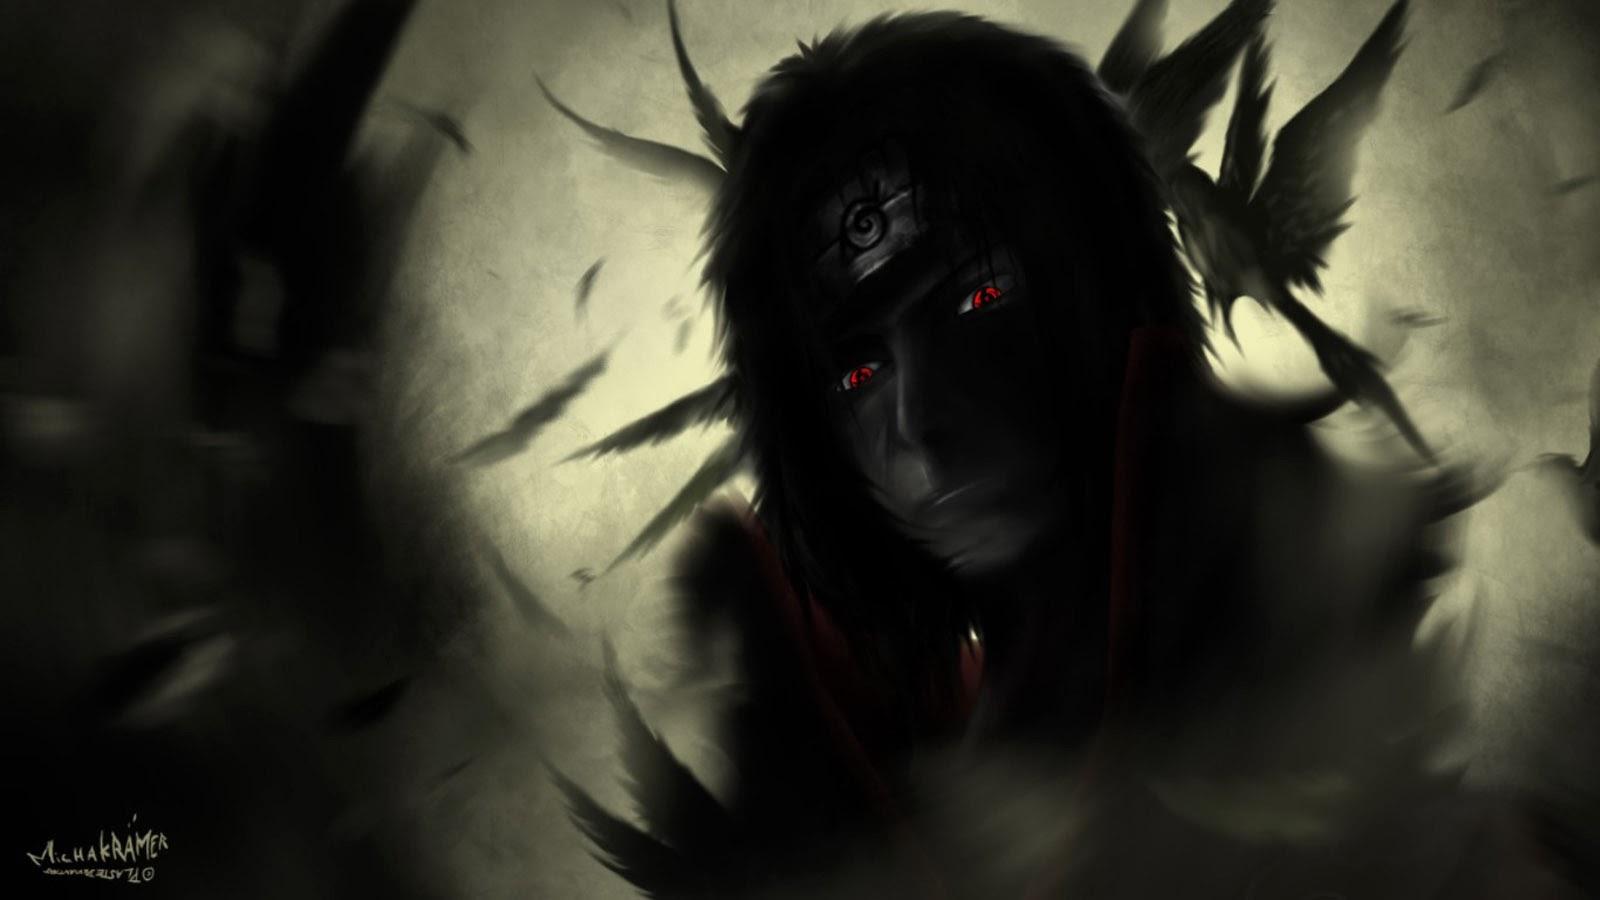 uchiha itachi sharingan eyes hd wallpaper anime 1600x900 a430 Itachi Crows Wallpaper